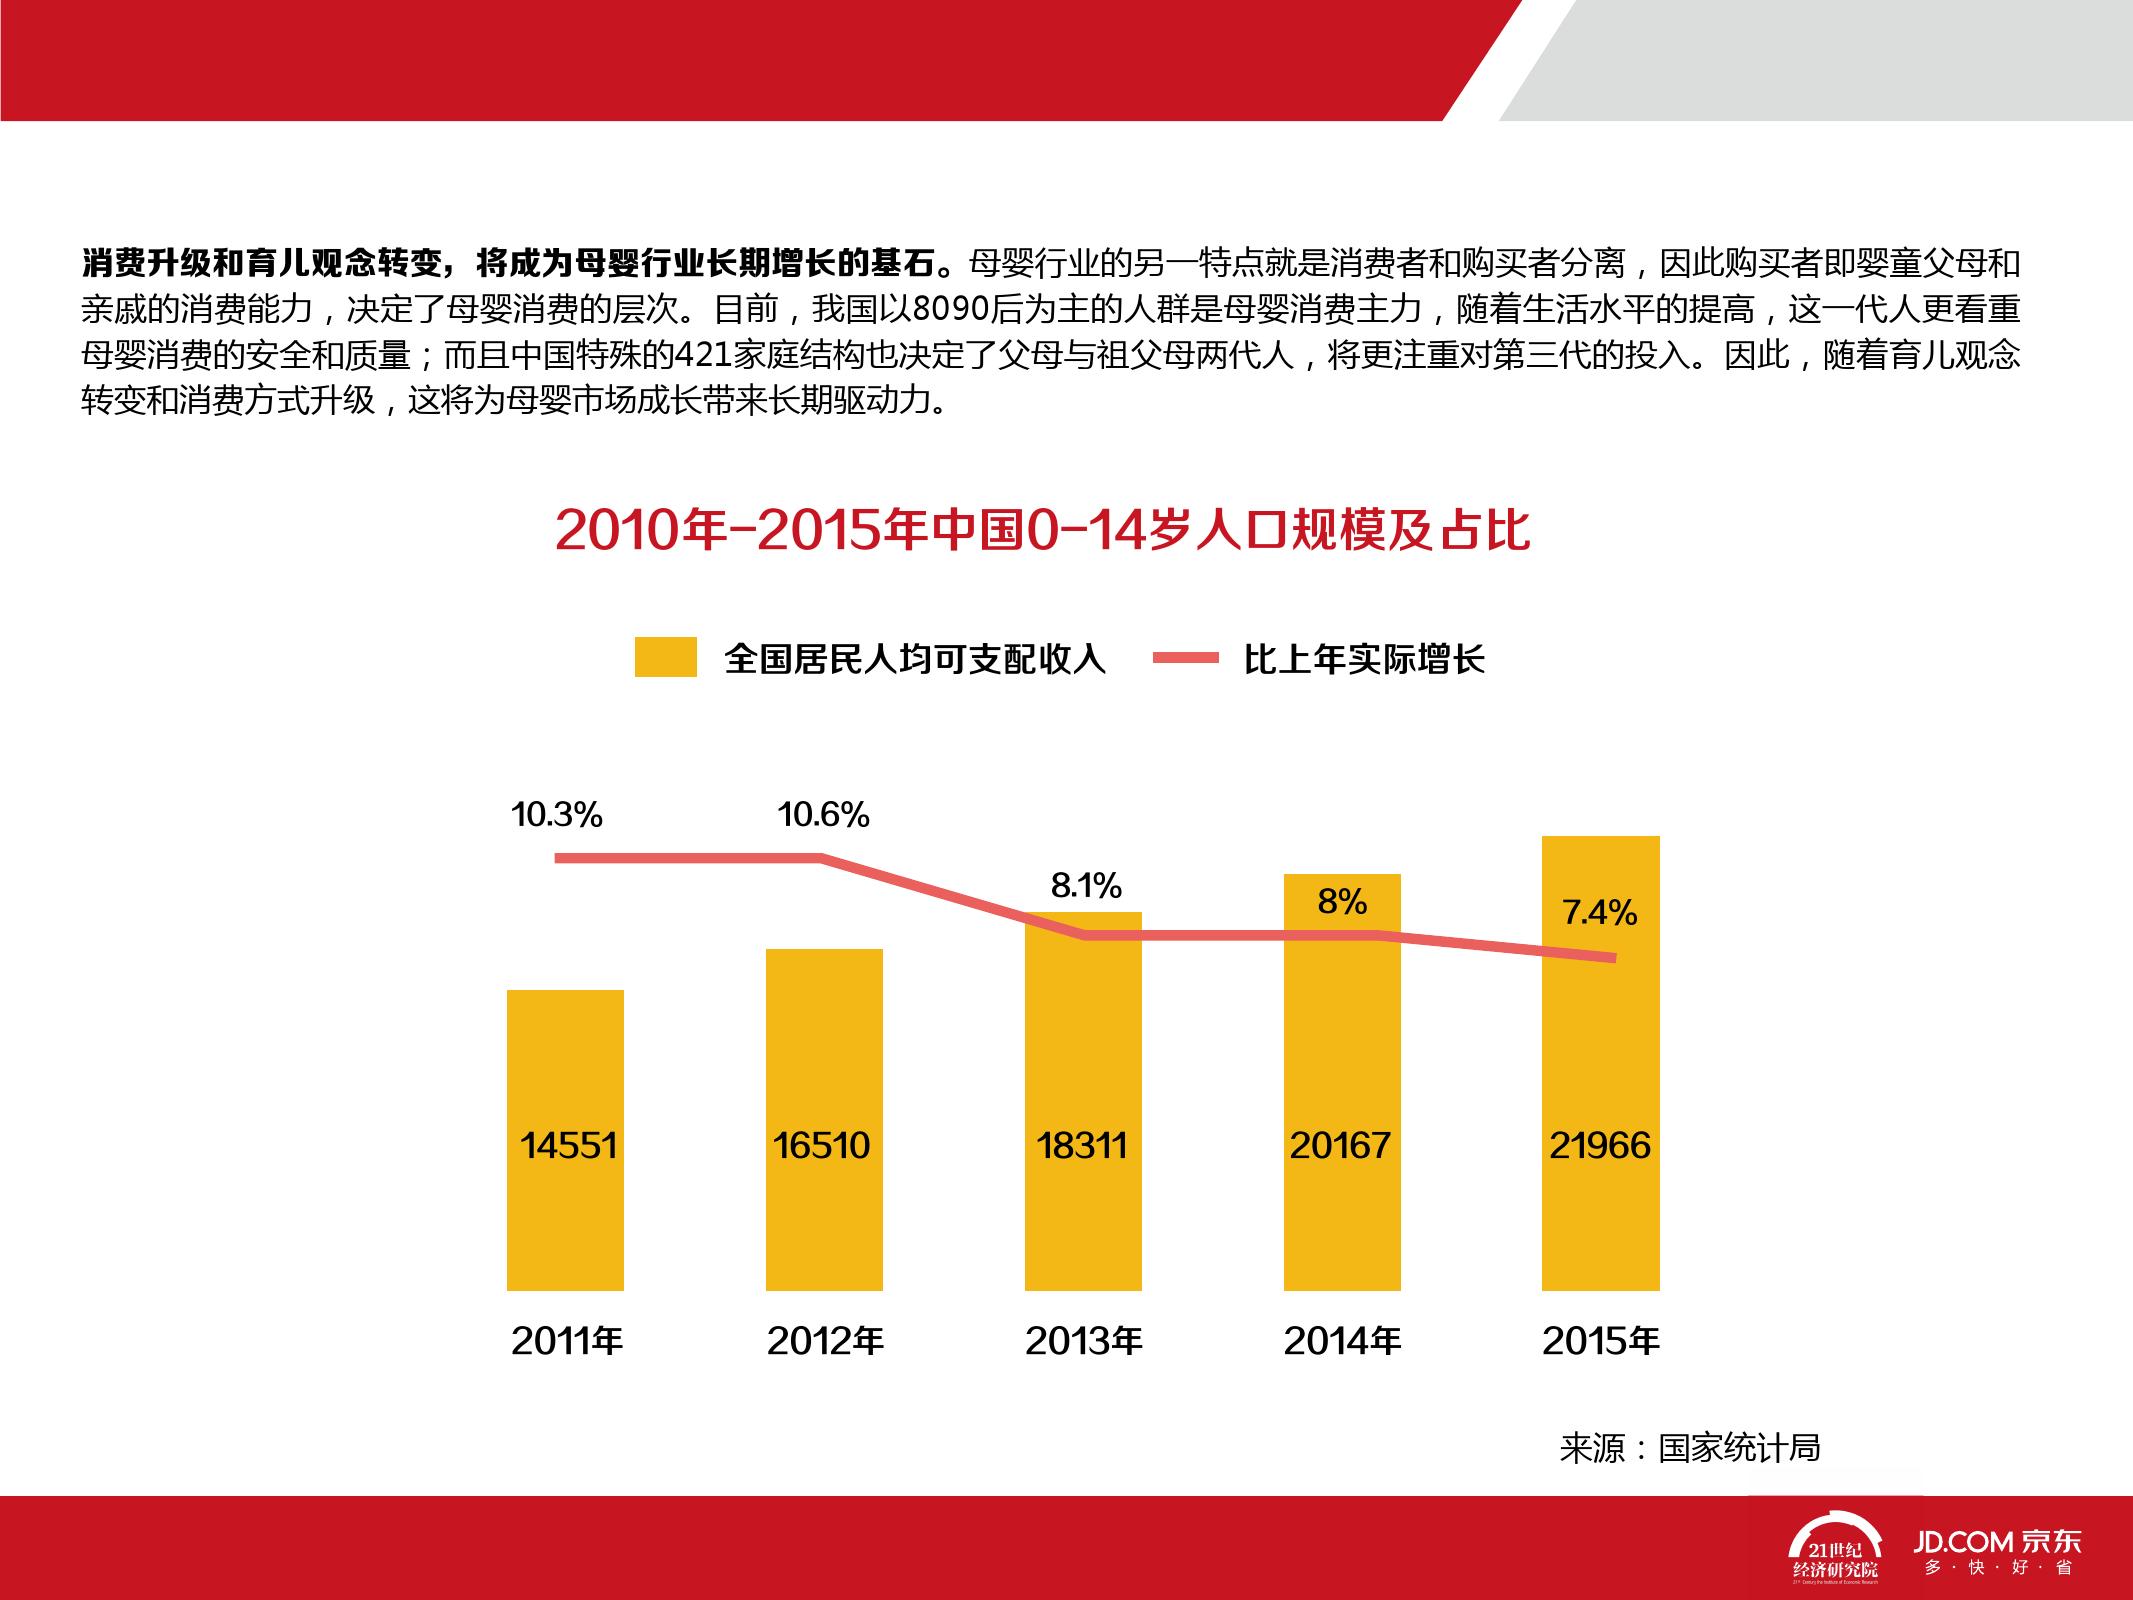 2016中国母婴产品消费趋势报告_000009